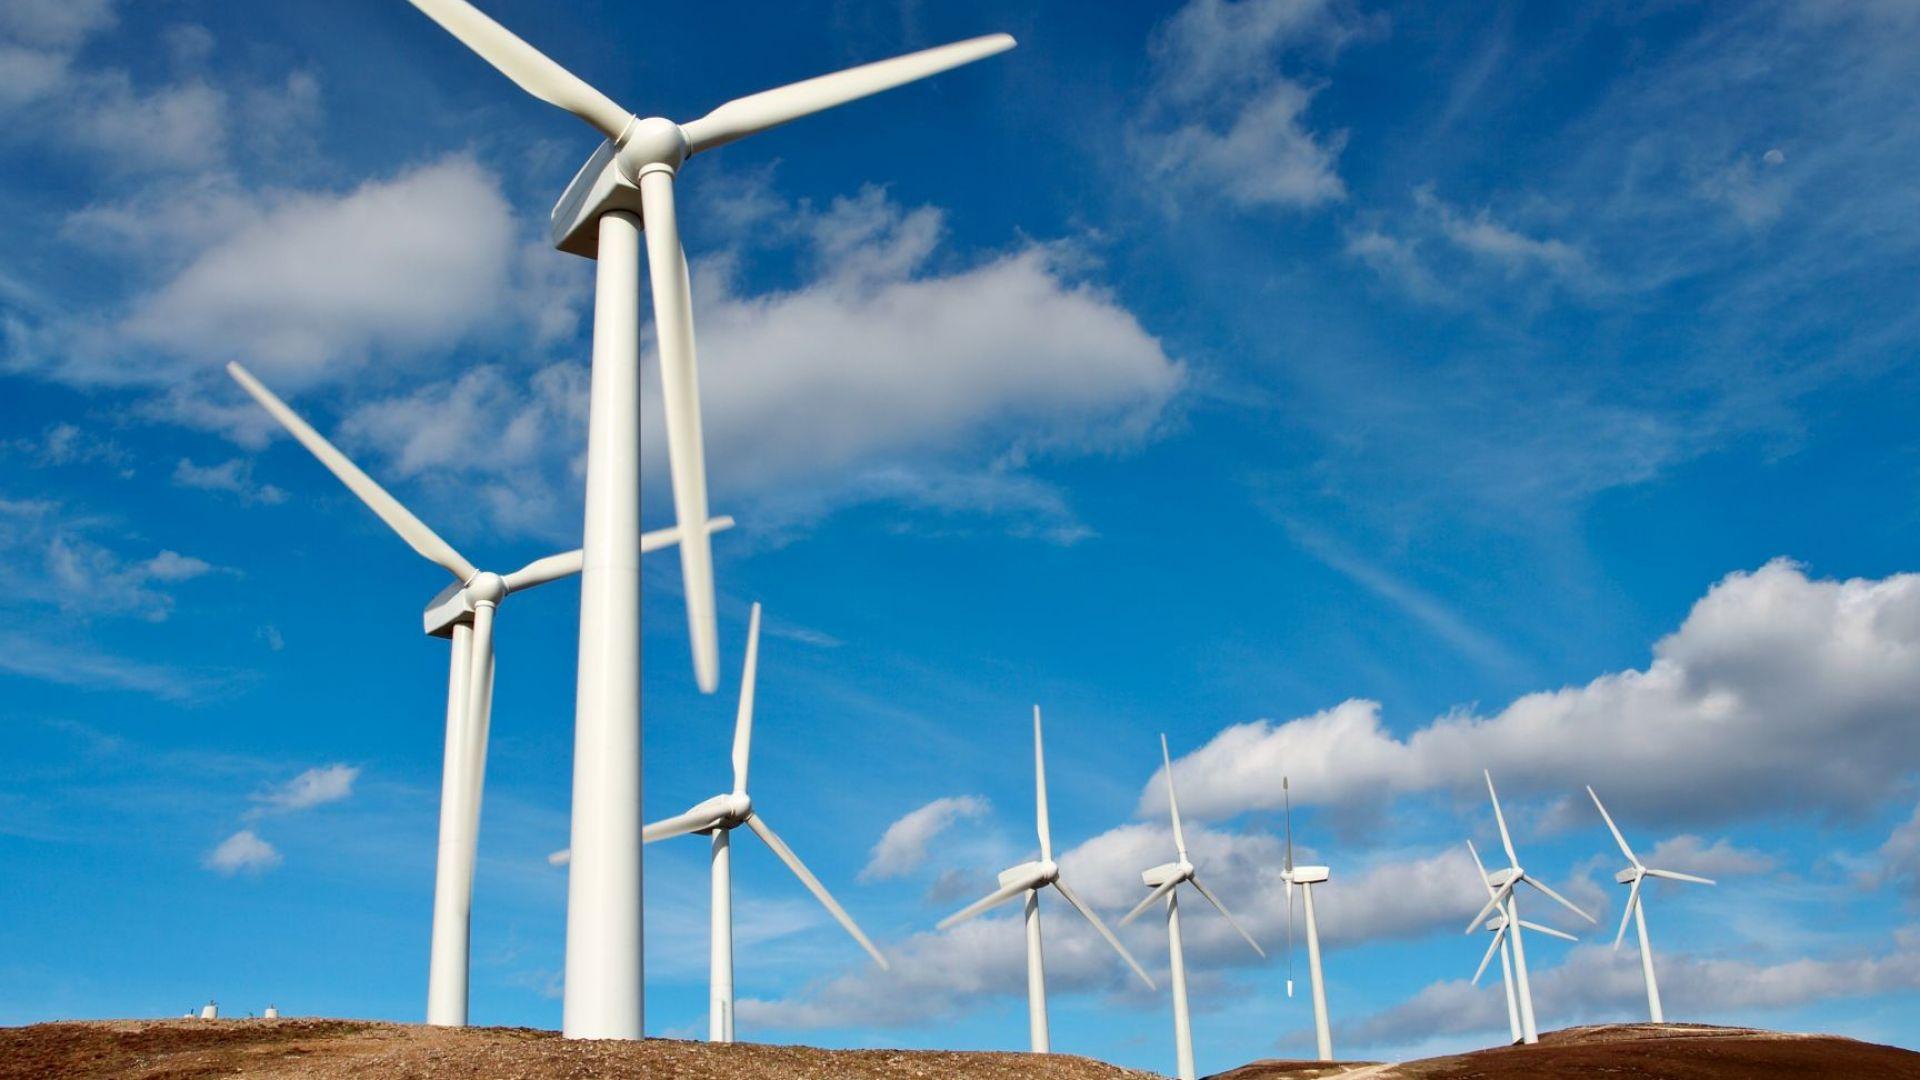 Вятърната индустрия с рекорд от близо 100 ГВт нови турбини през 2020 година